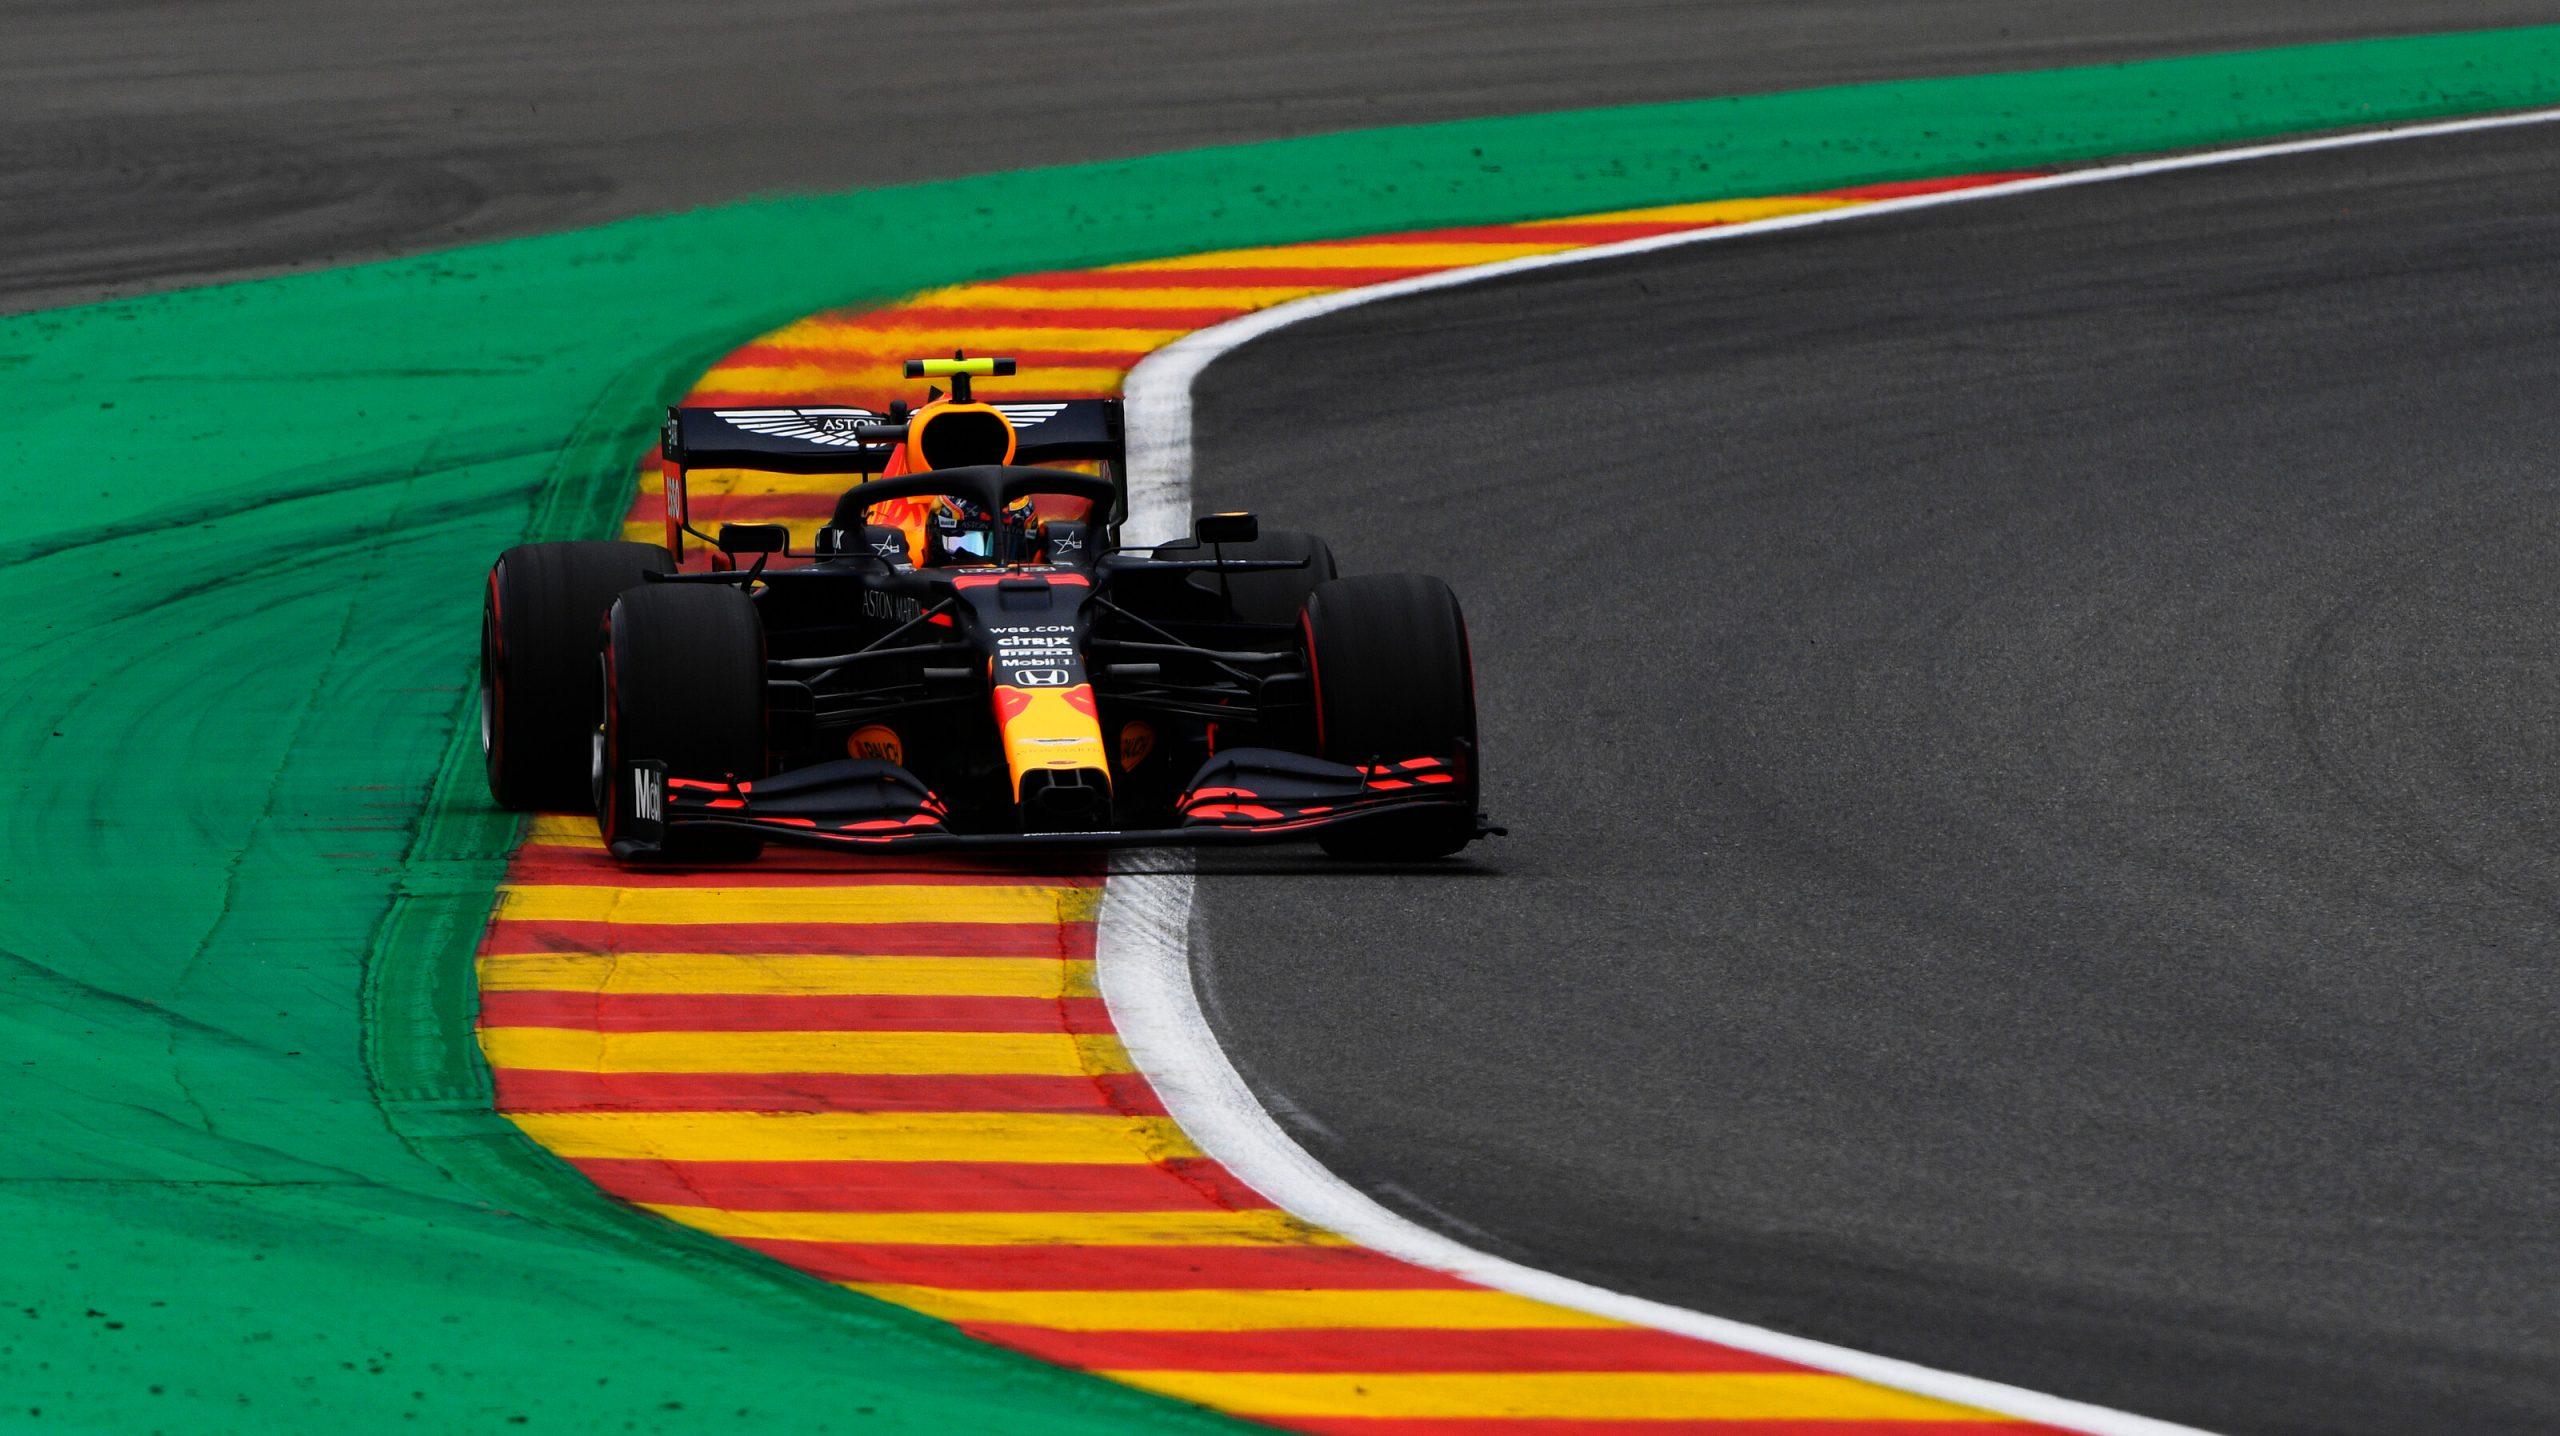 F1 - Limites de la piste : La FIA serre la vis avant les qualifications